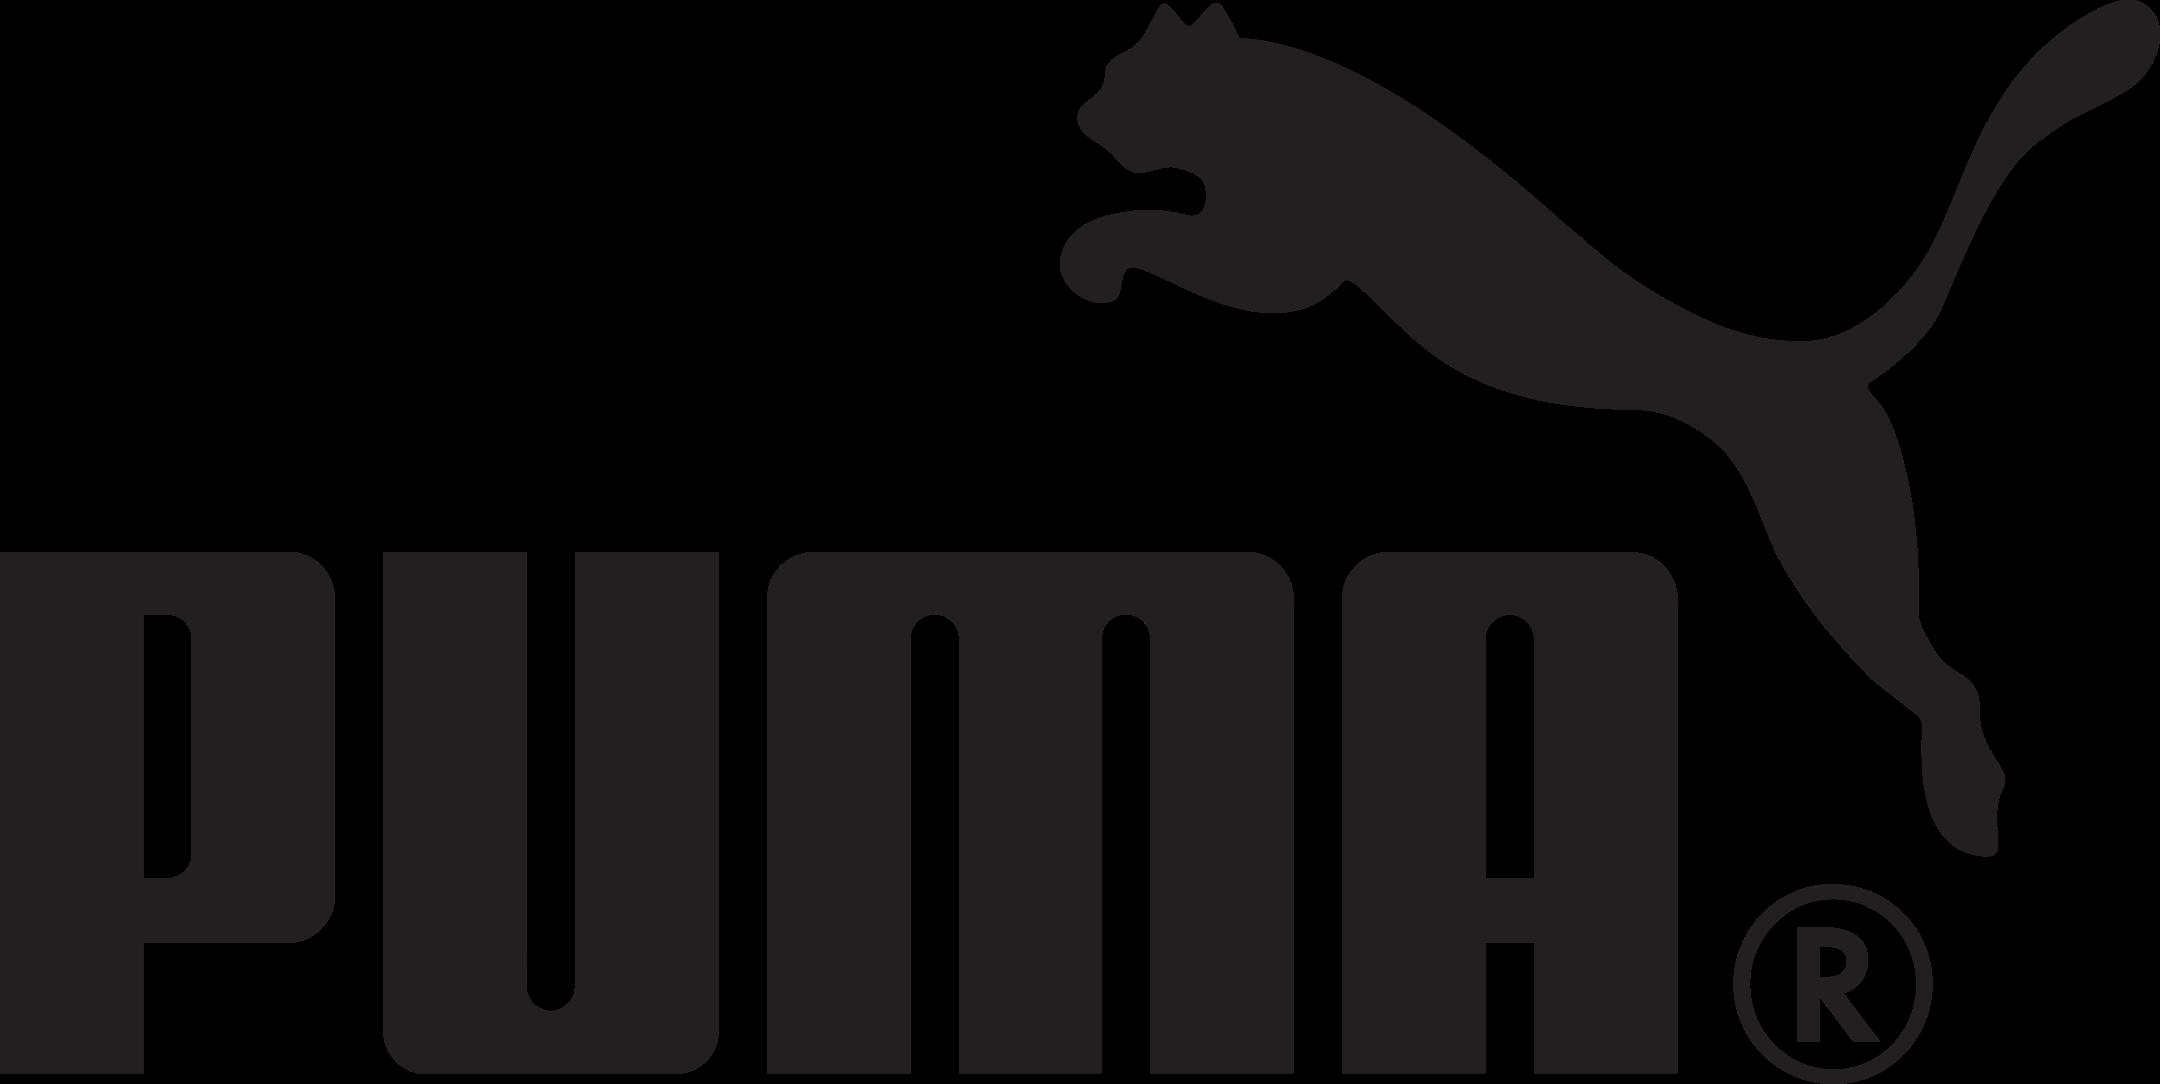 puma logo 1 1 - Puma Logo